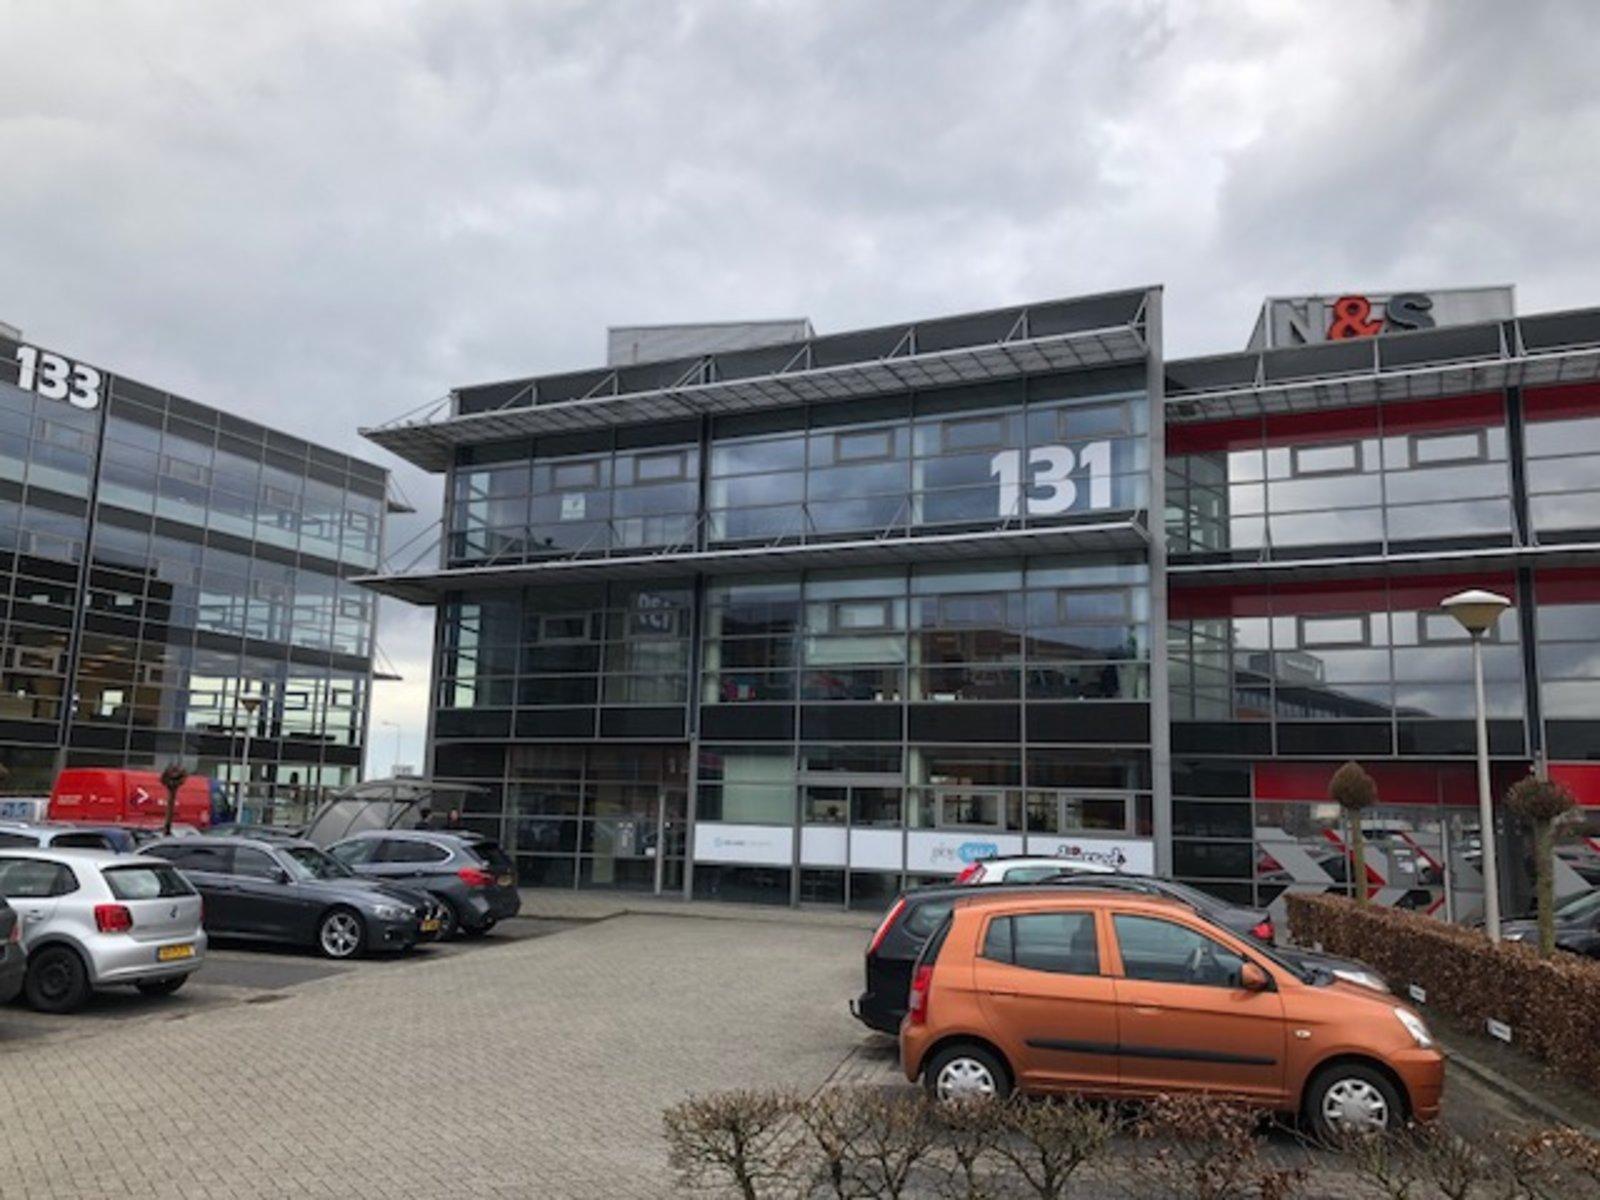 Hogeweg 131 Zaltbommel 02